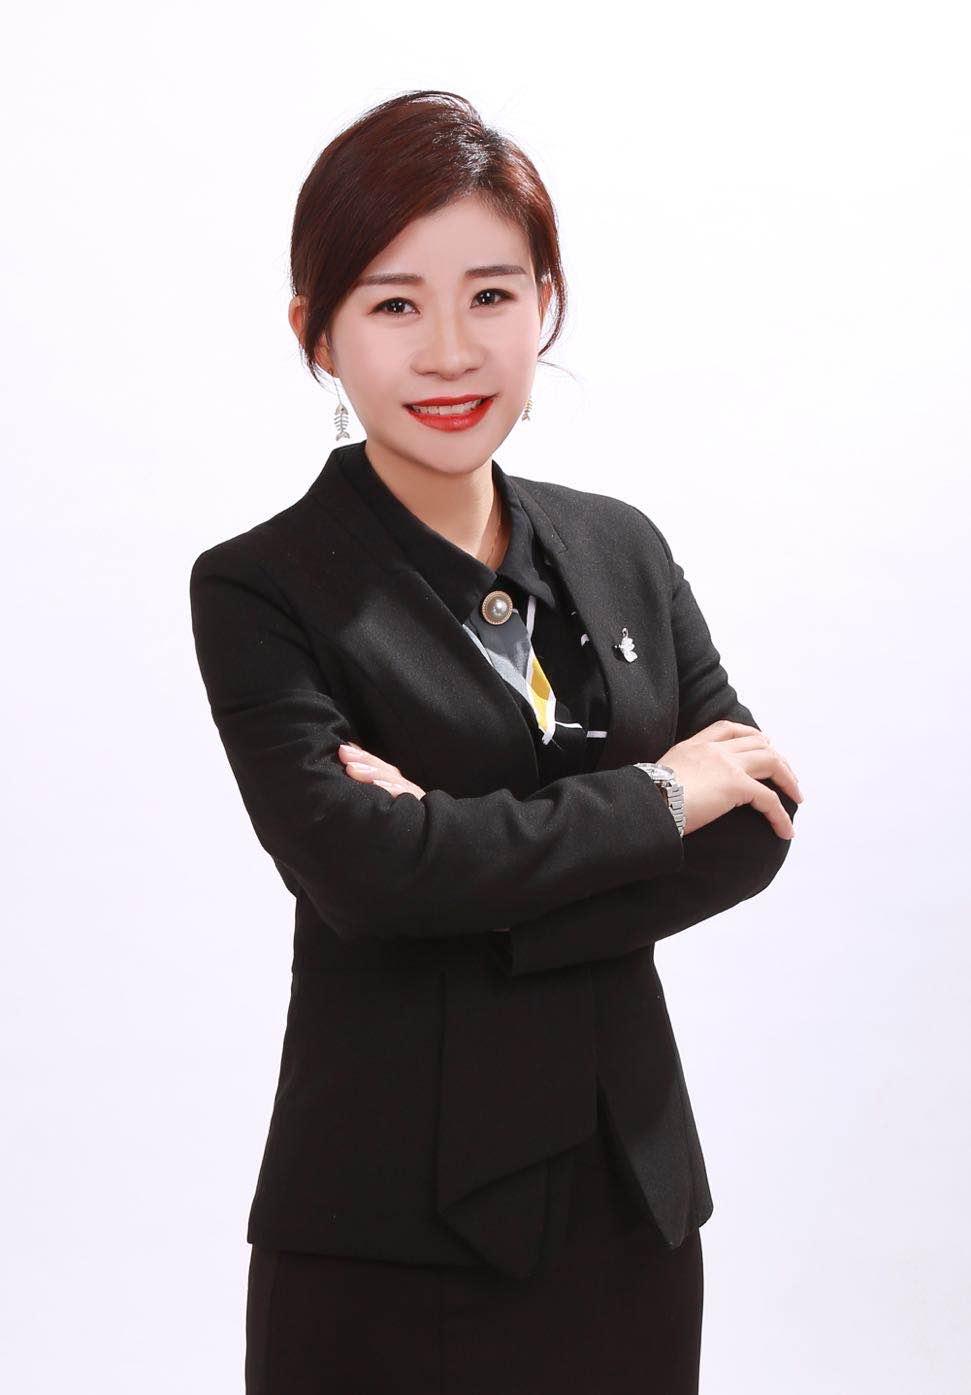 采访人:马东方 百年寿险漯河总部渐康保